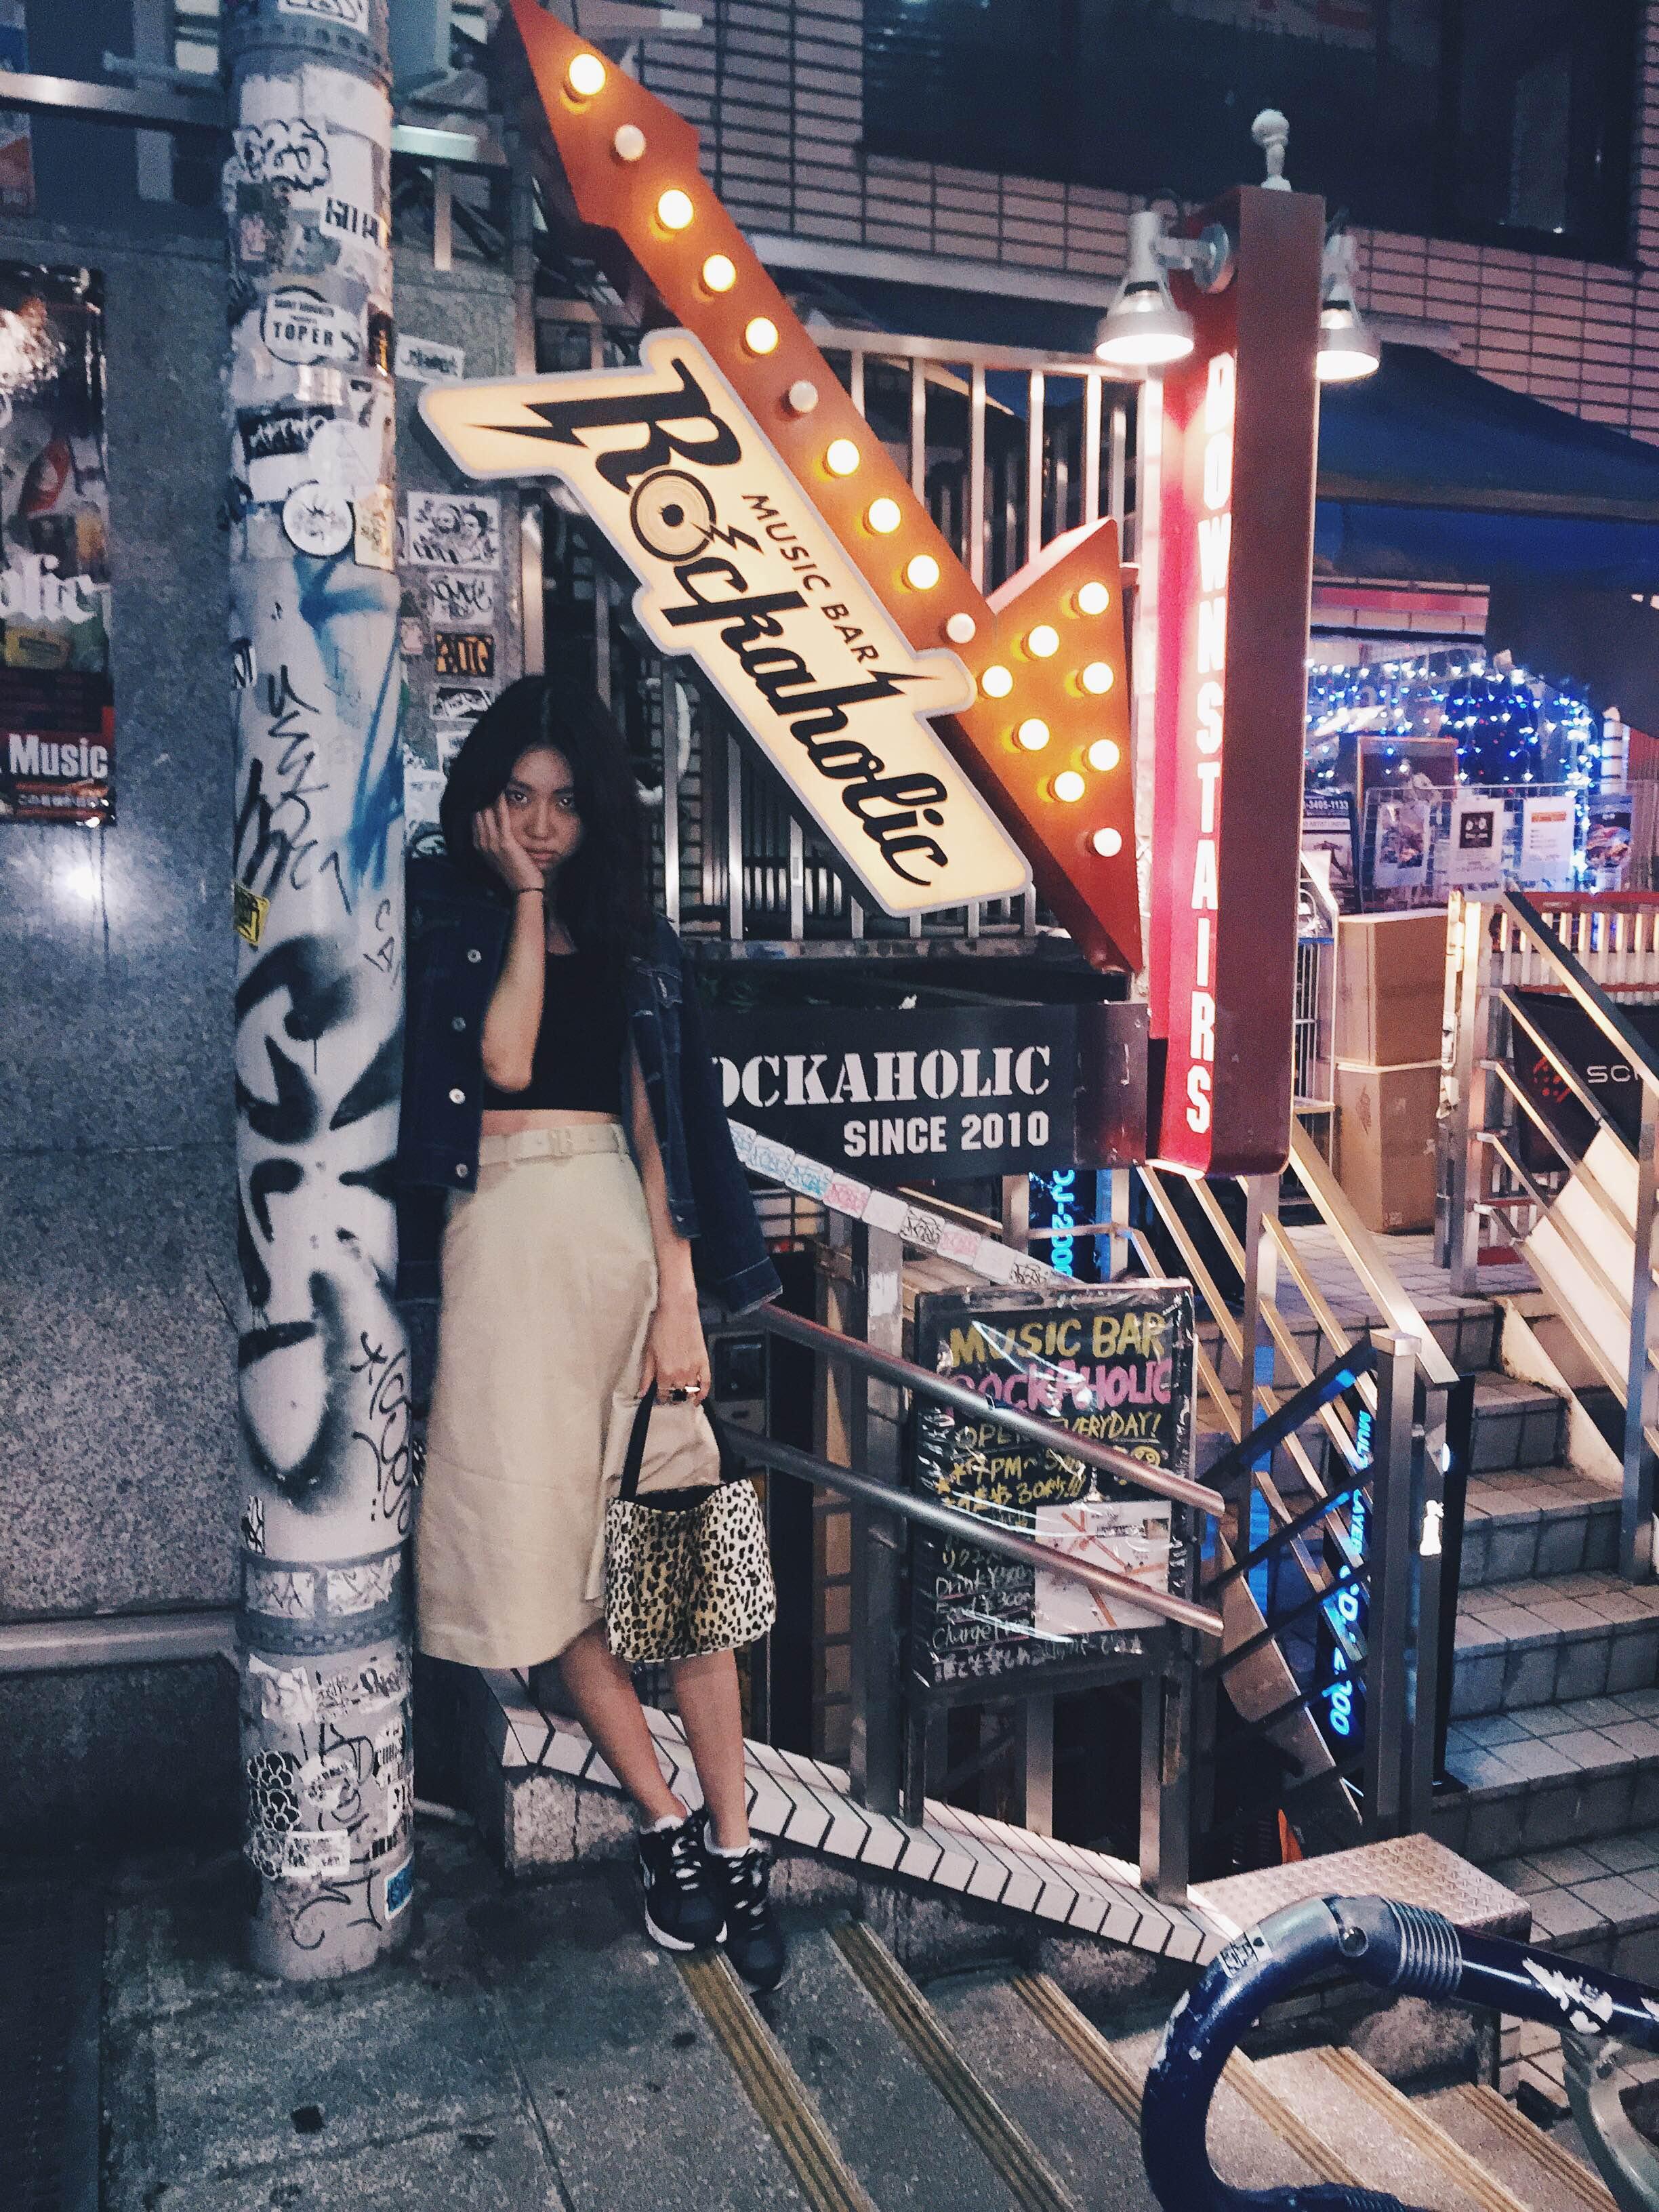 #OOTD: キャメル色のロングスカートでおとなしすぎないスポーツMIXコーデ。 #fashion #outfit